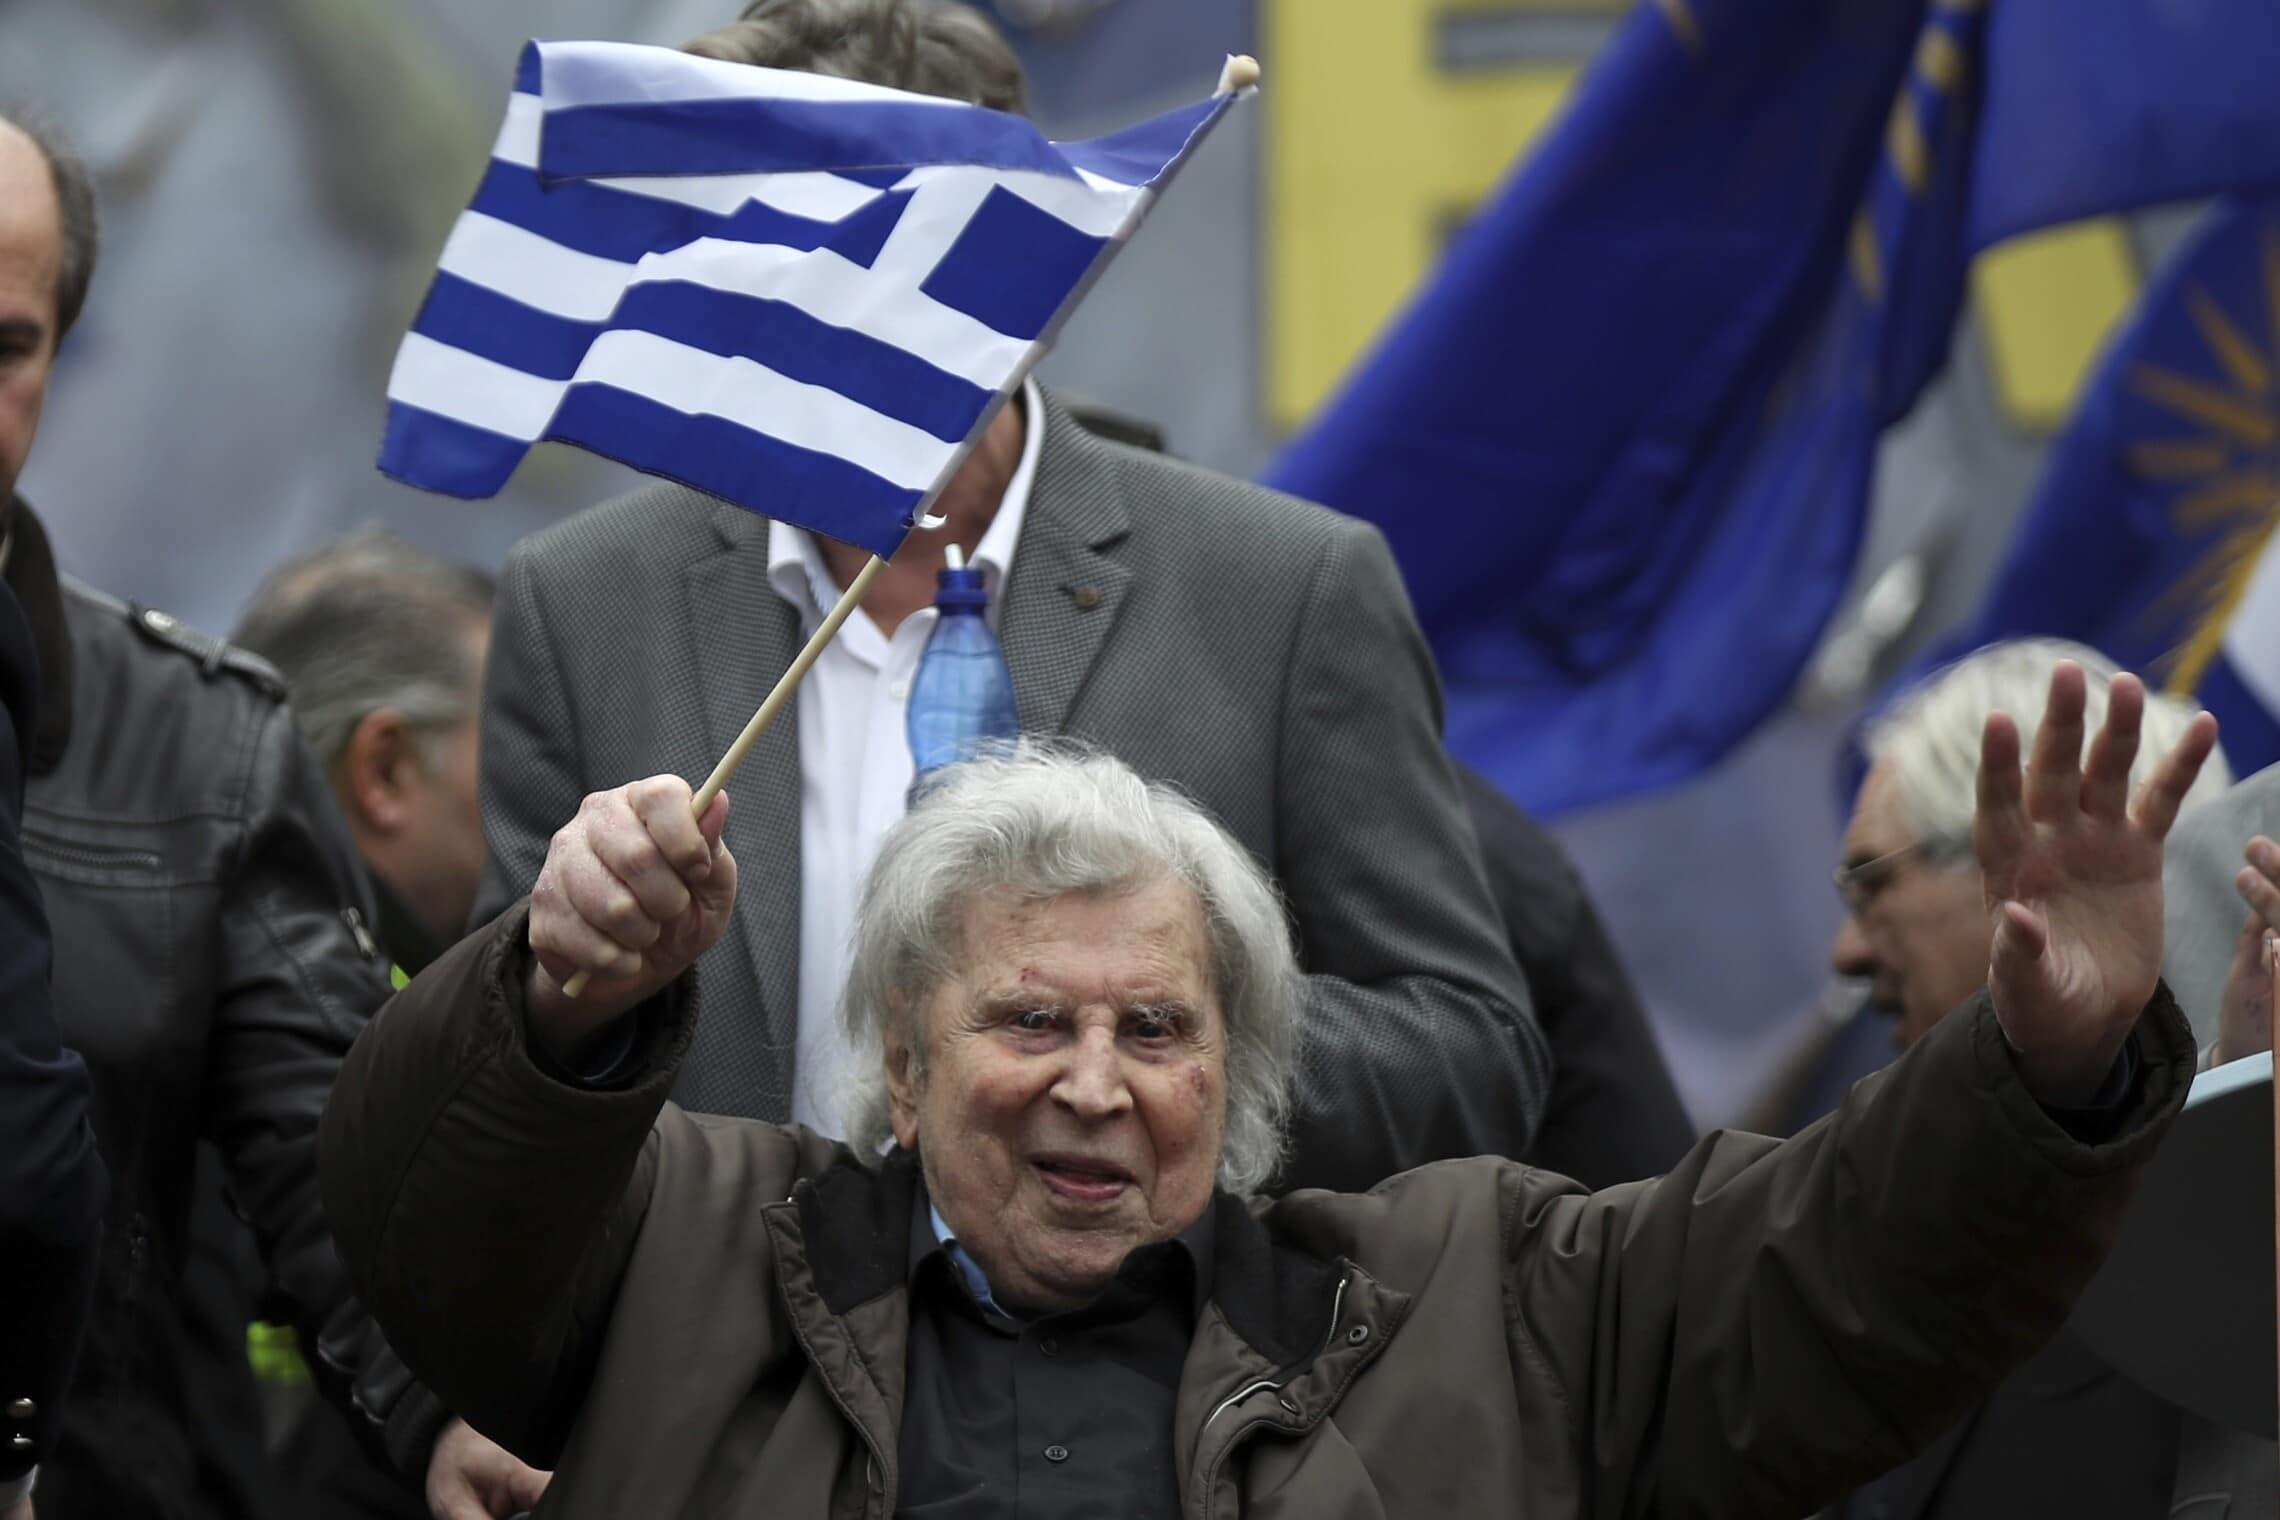 מיקיס תאודוראקיס מנופף בדגל יוון לעבר ההמון בעצרת באתונה, 4 בפברואר 2018 (צילום: AP Photo/Petros Giannakouris)